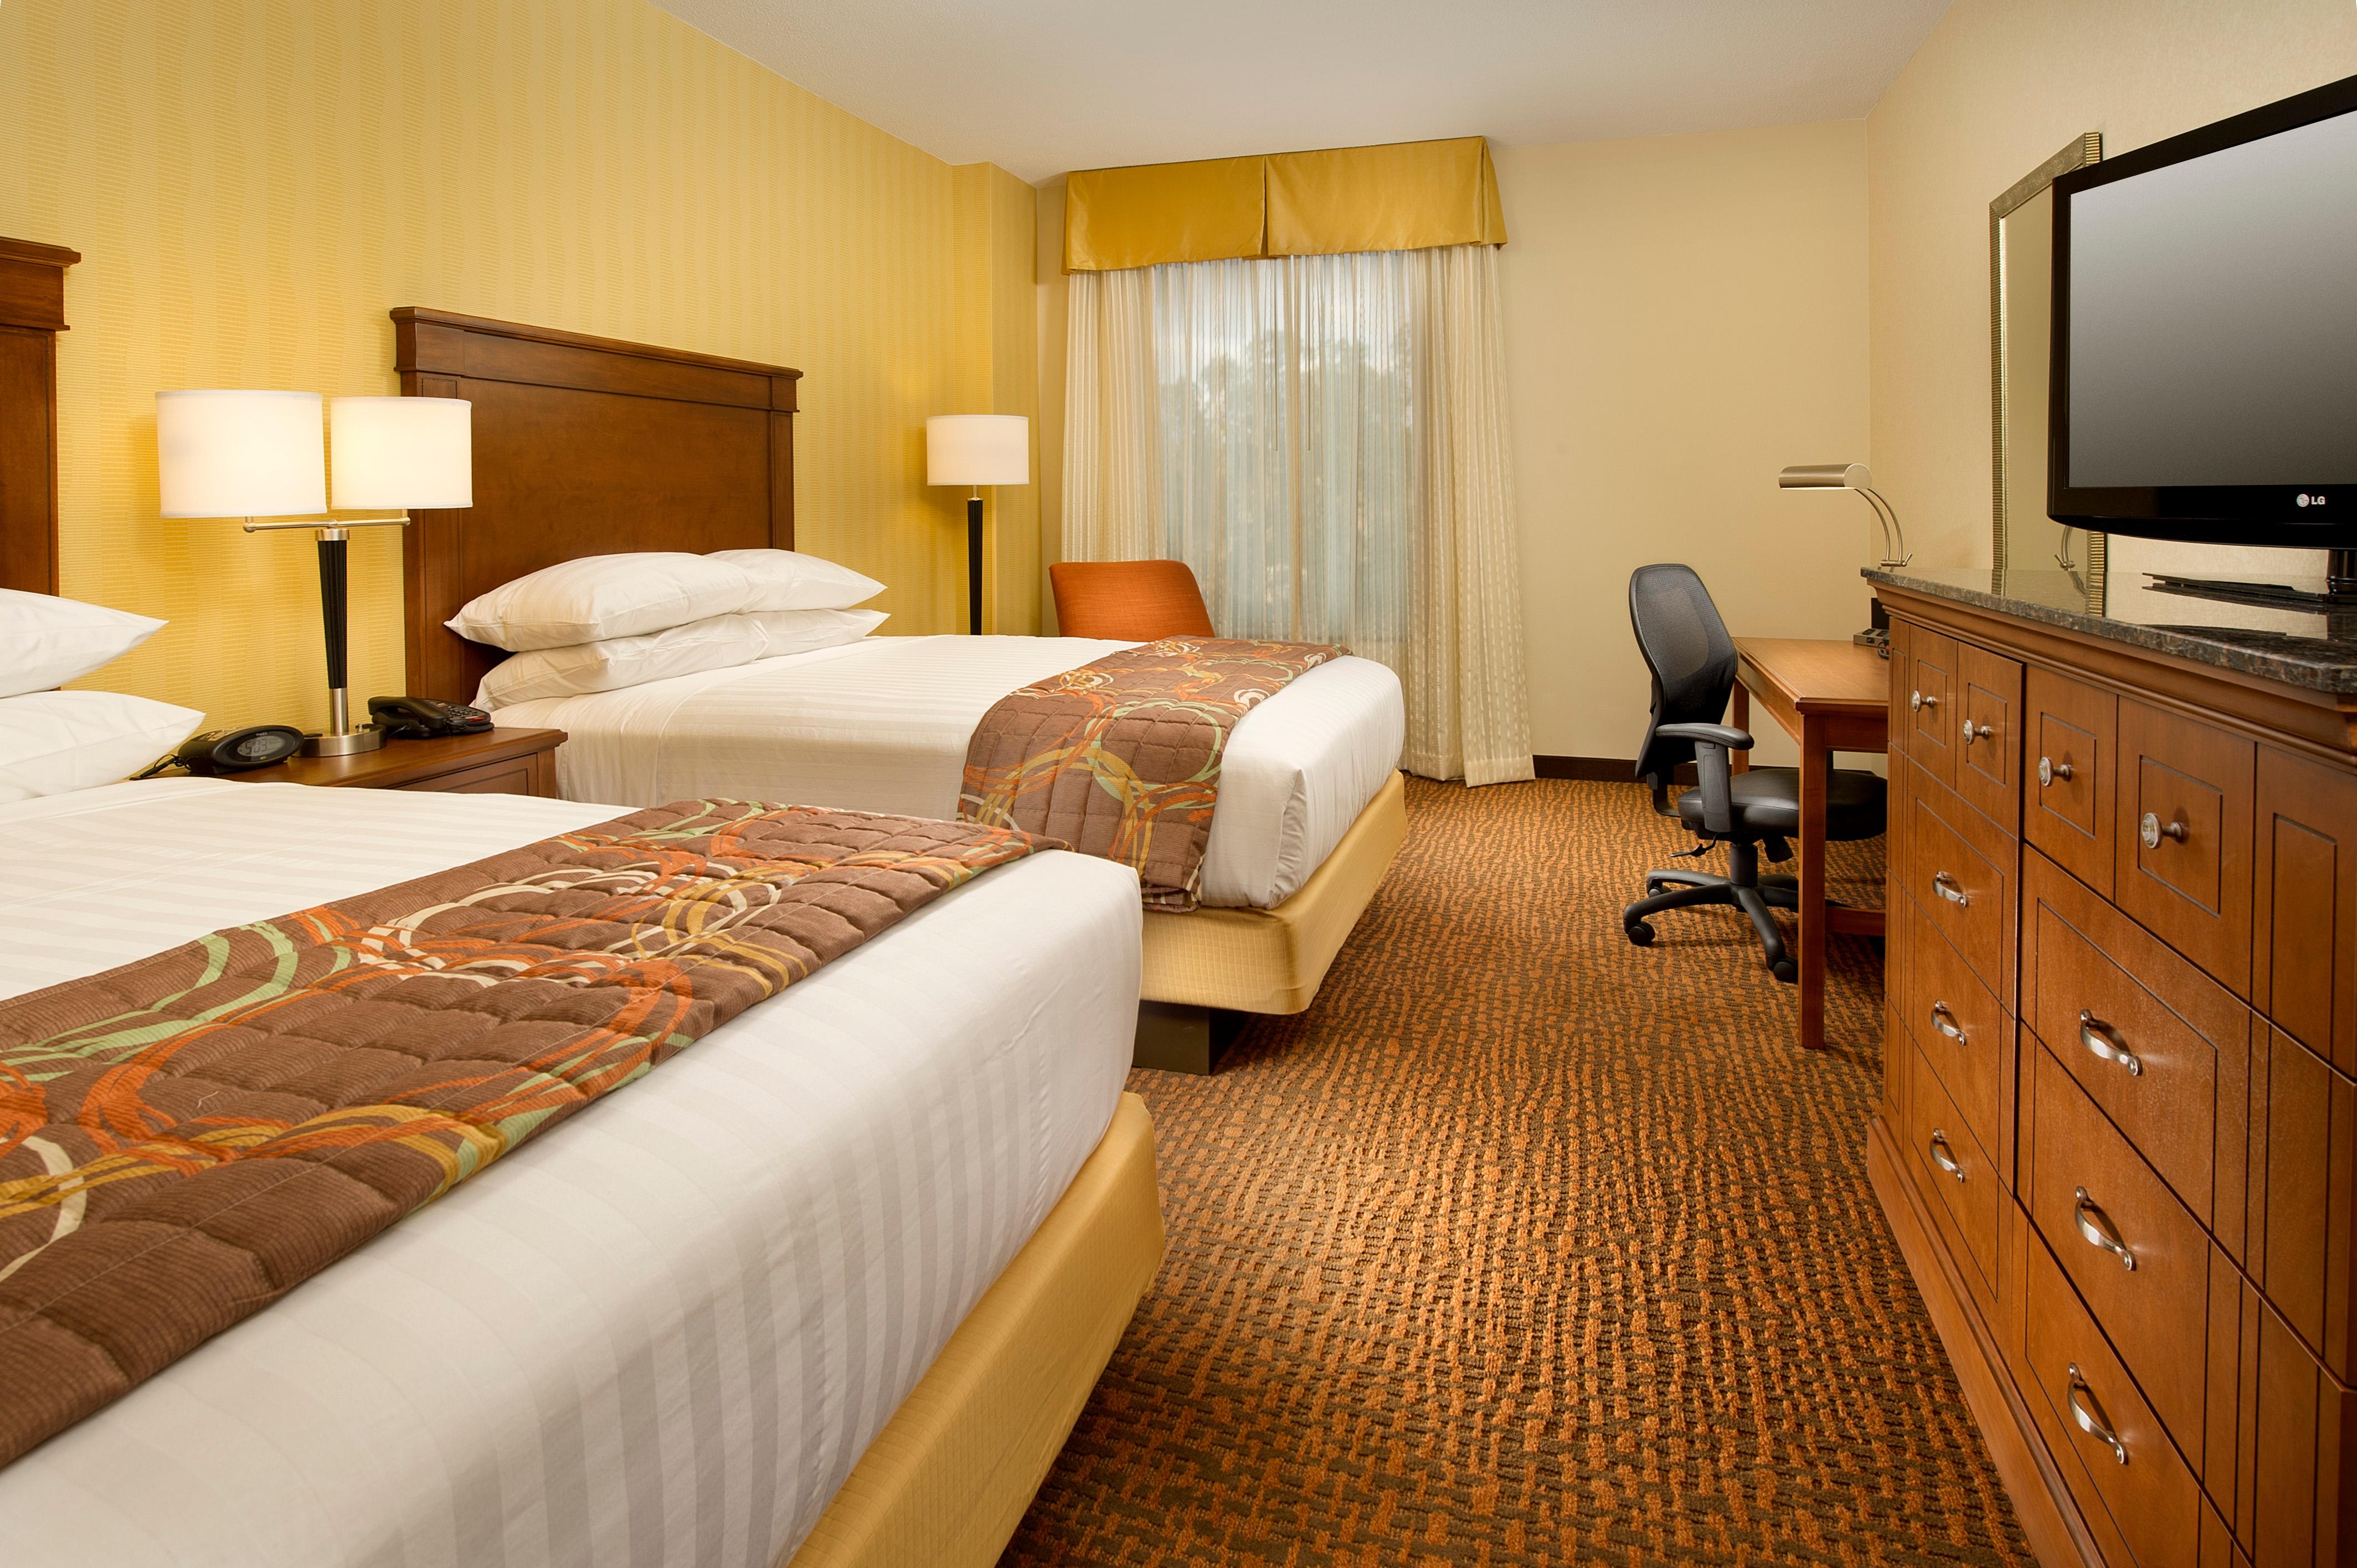 Two Bedroom Suites In Atlanta Ga - mangaziez